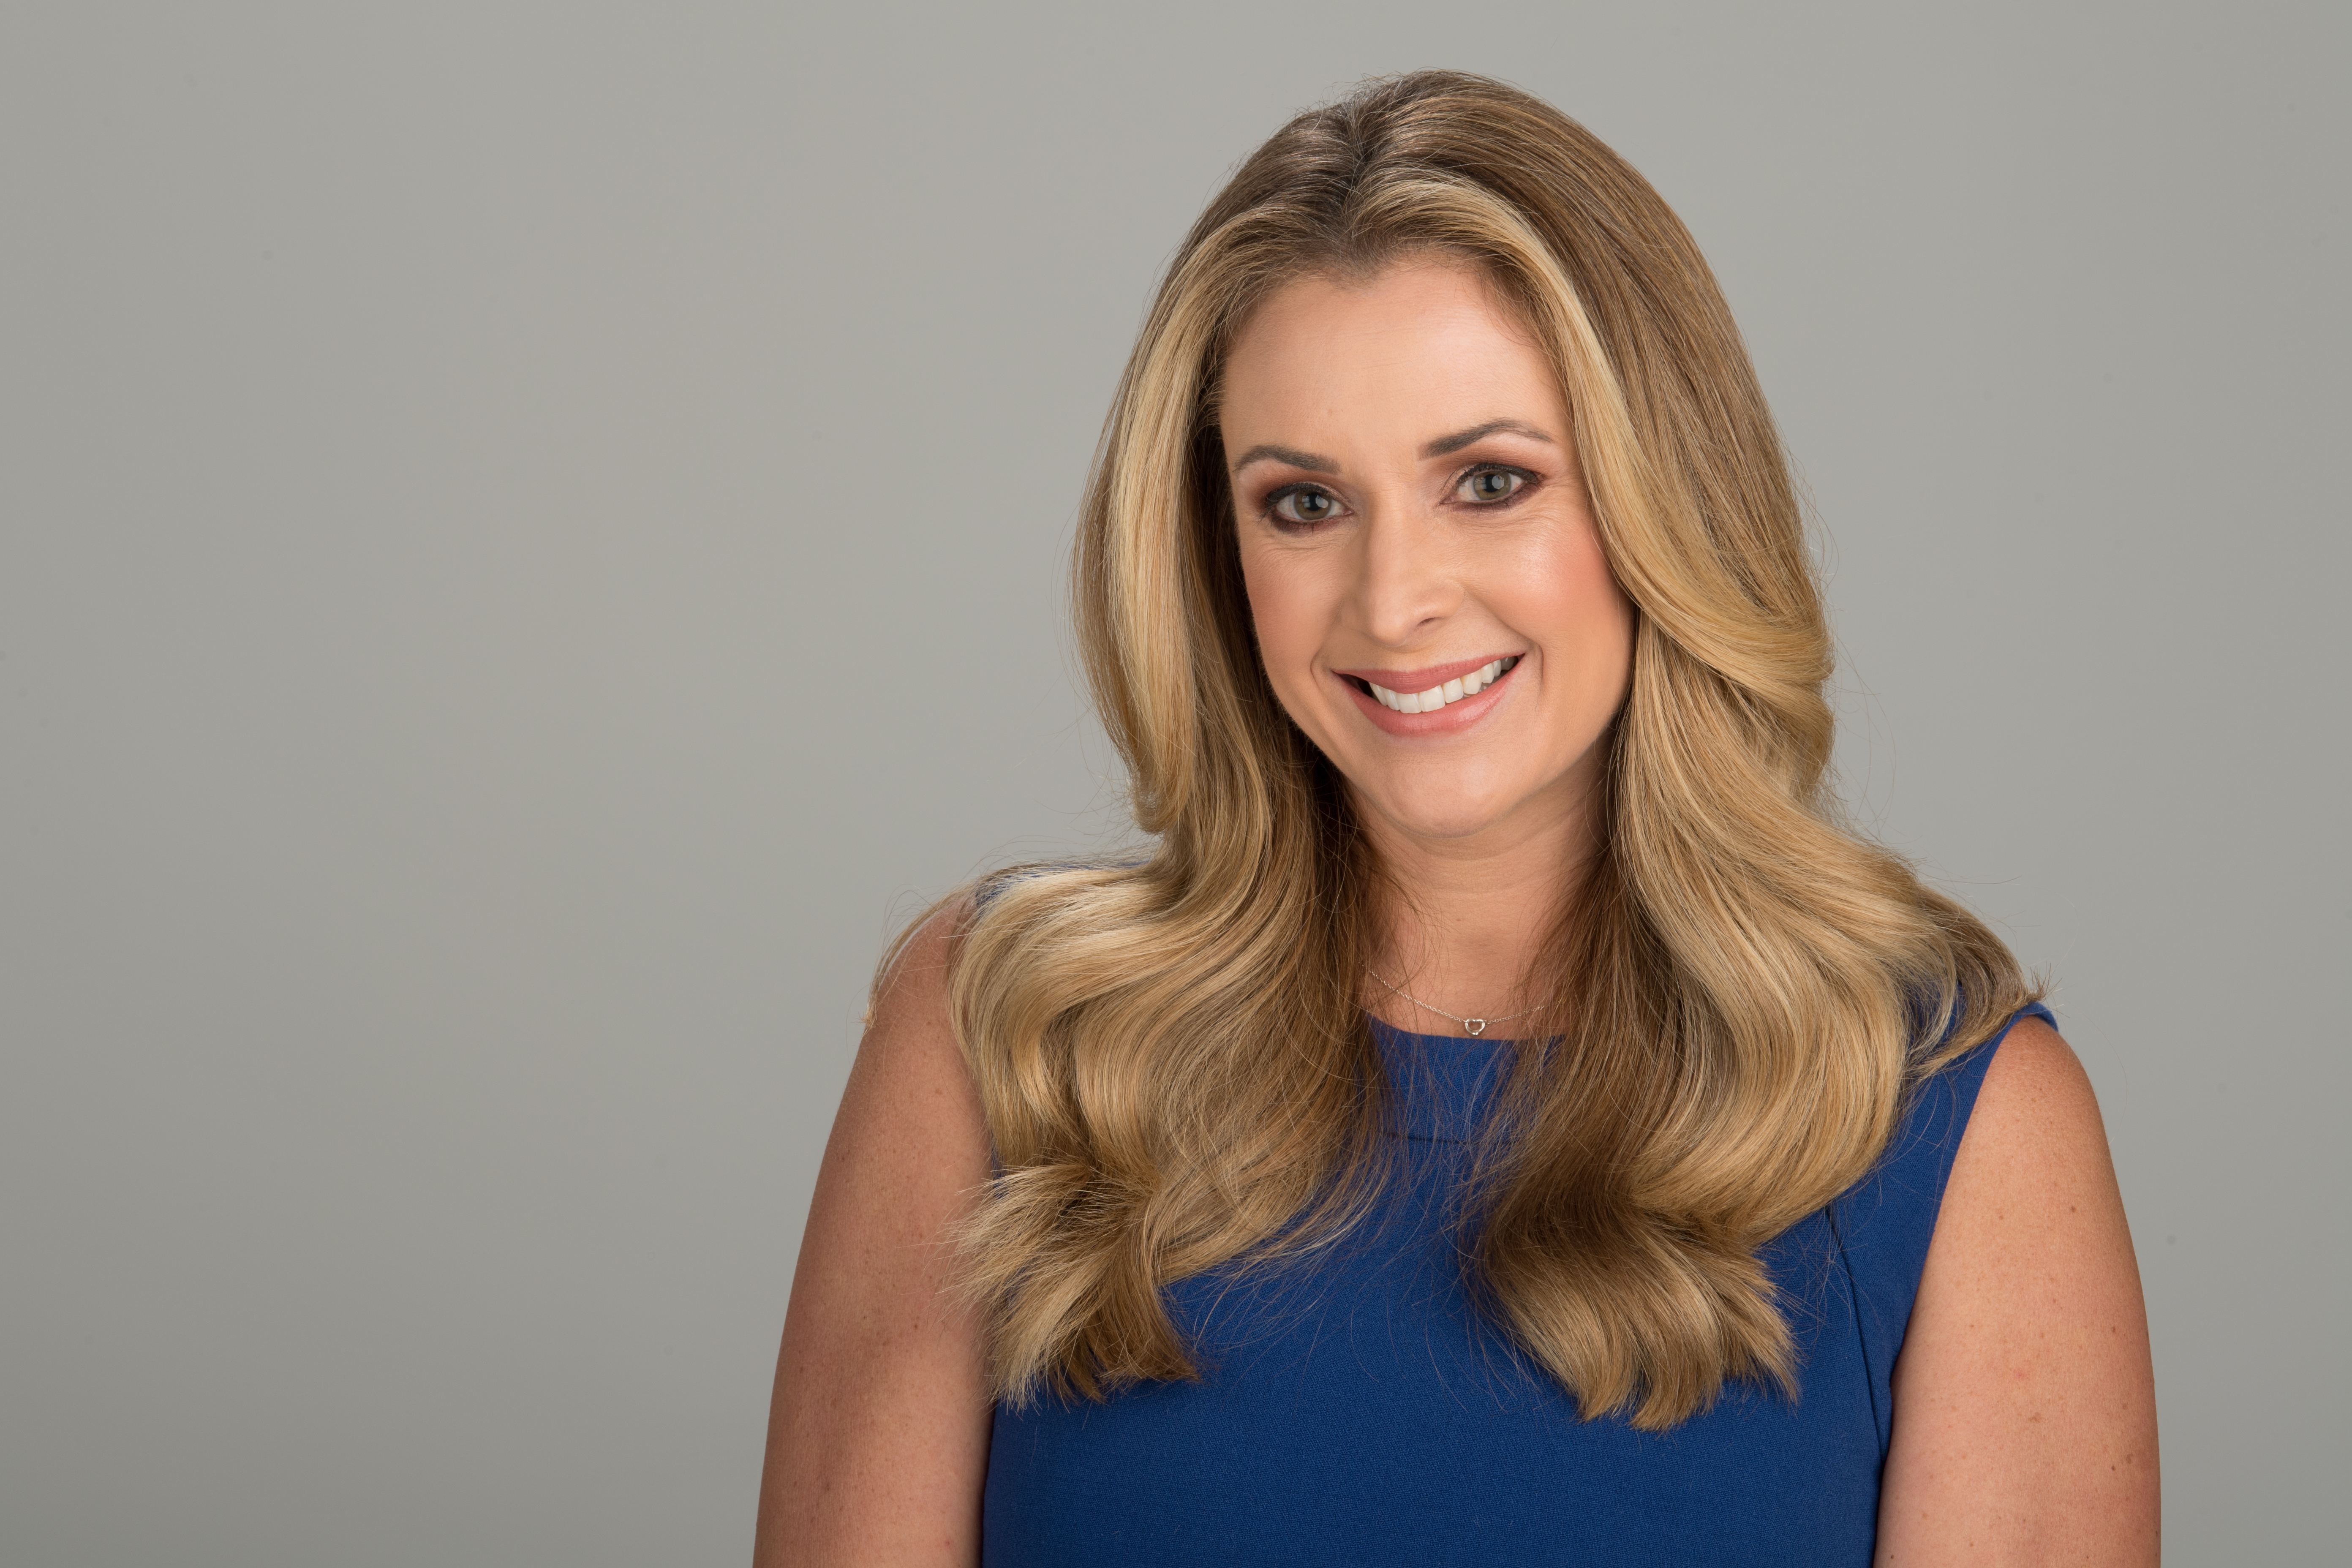 Nicole Briscoe Espn Mediazone U S